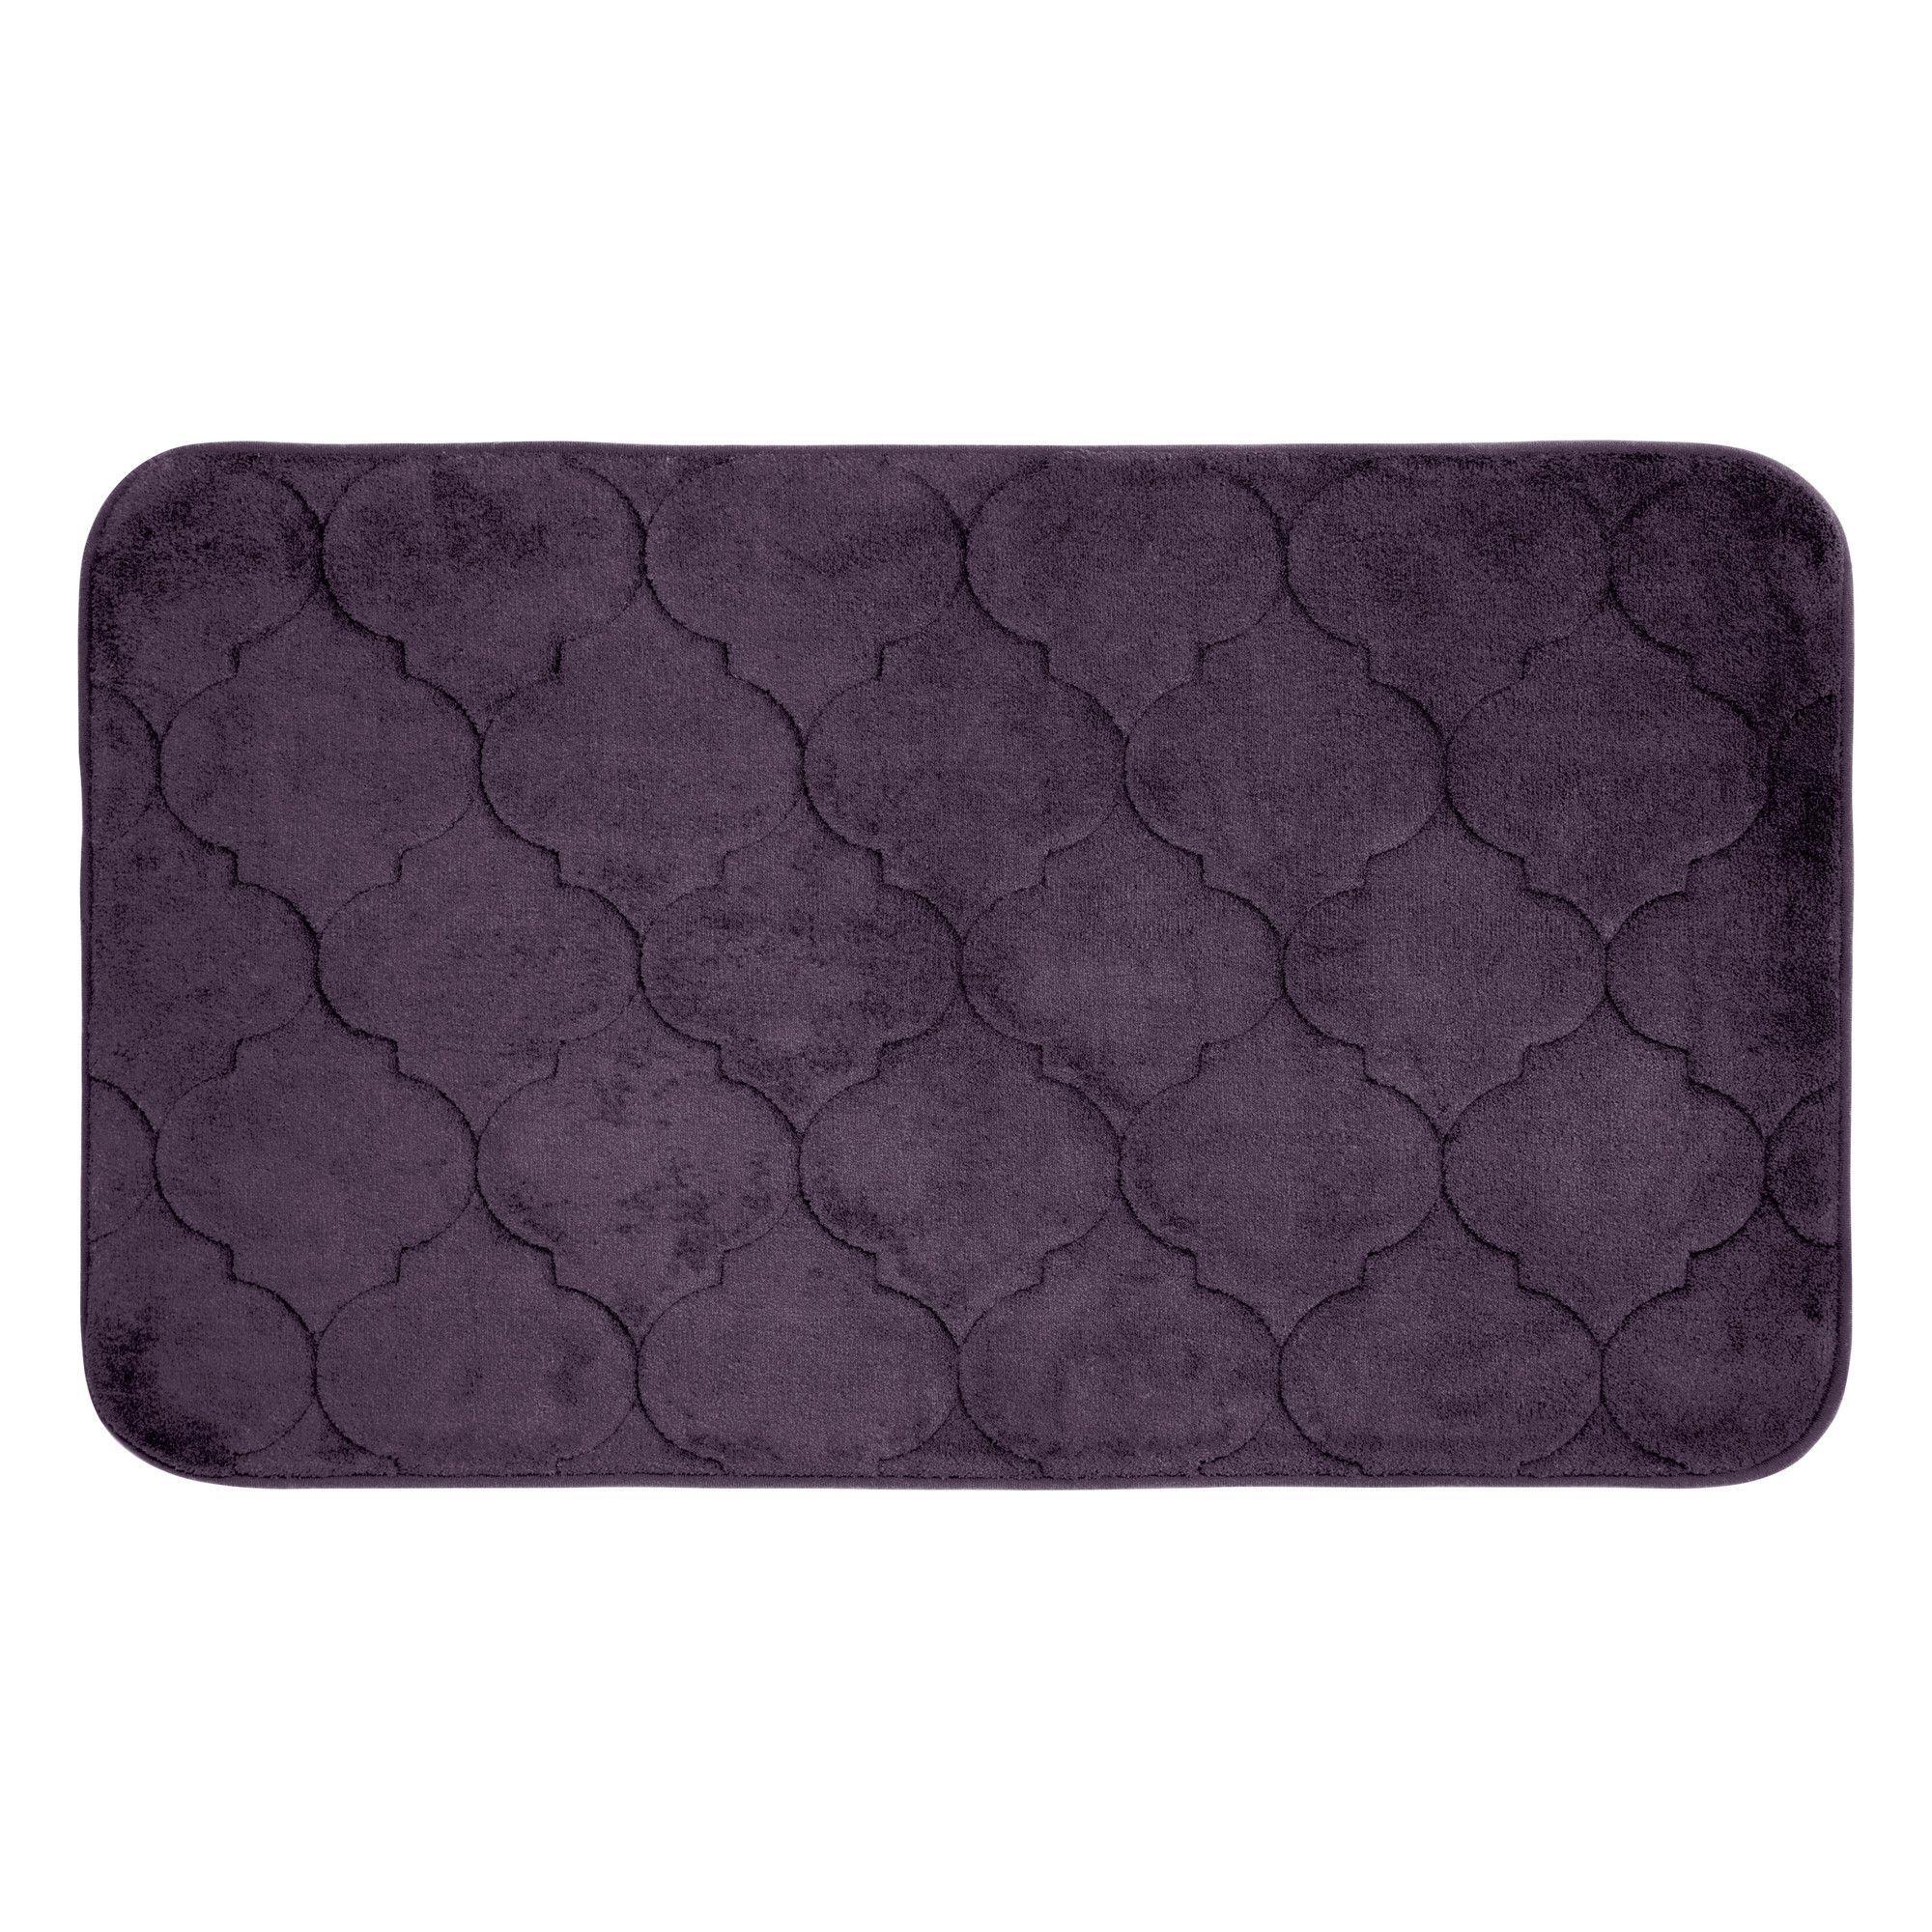 Faymore Micro Plush Memory Foam Bath Mat Memory Foam Bath Mats